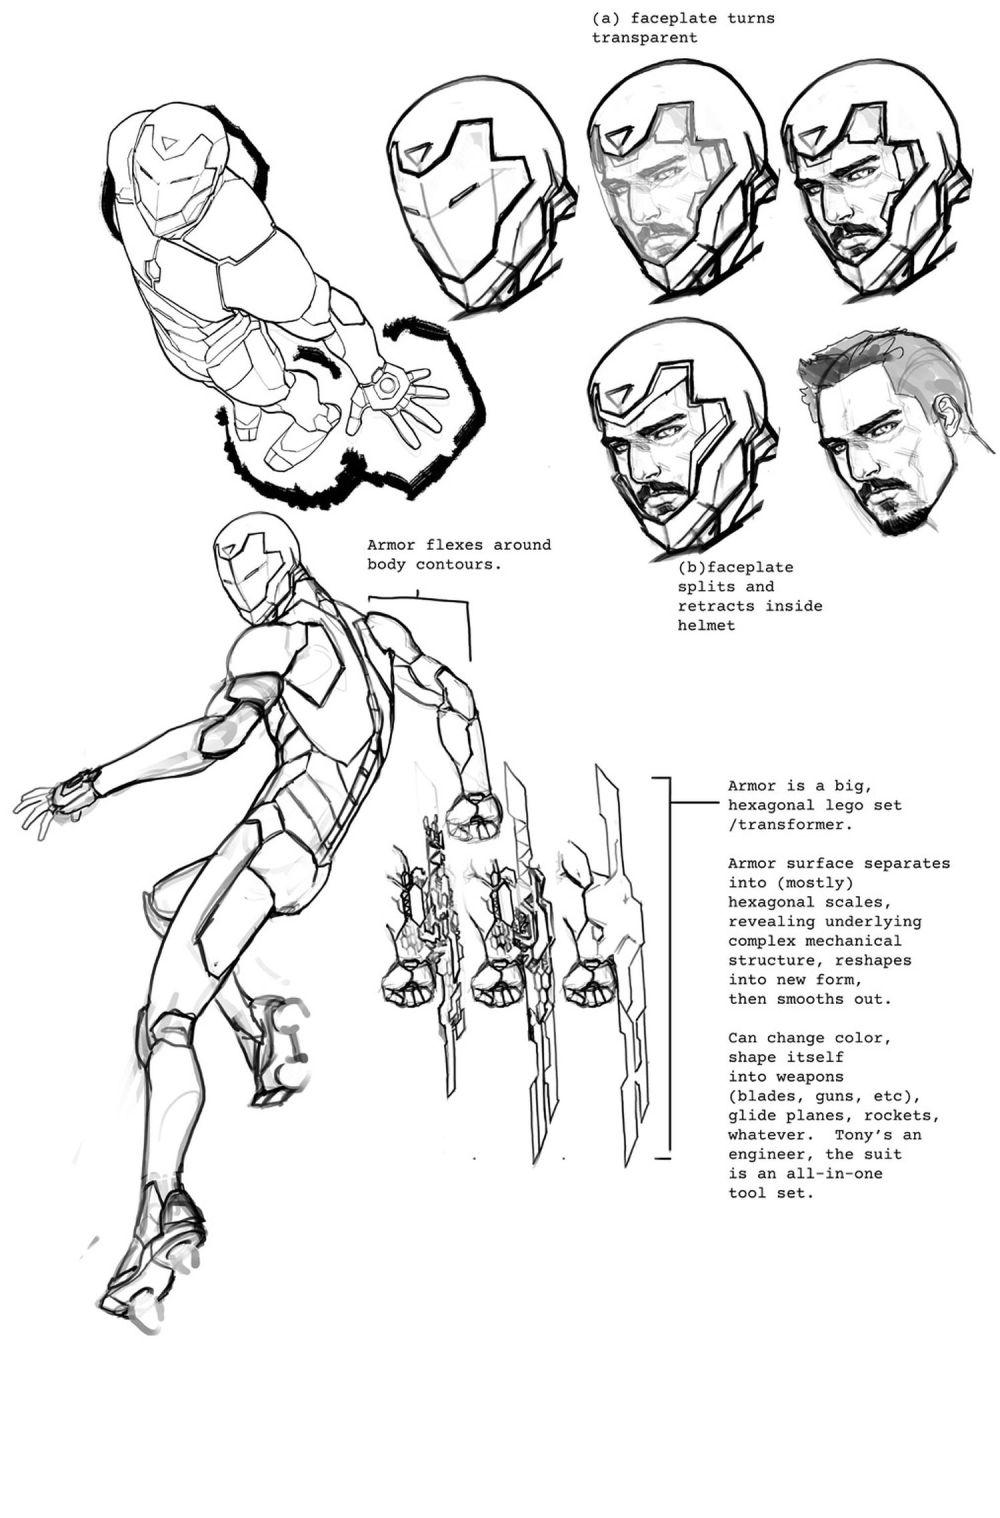 Invincible Iron Man Armor concept by David Marquez